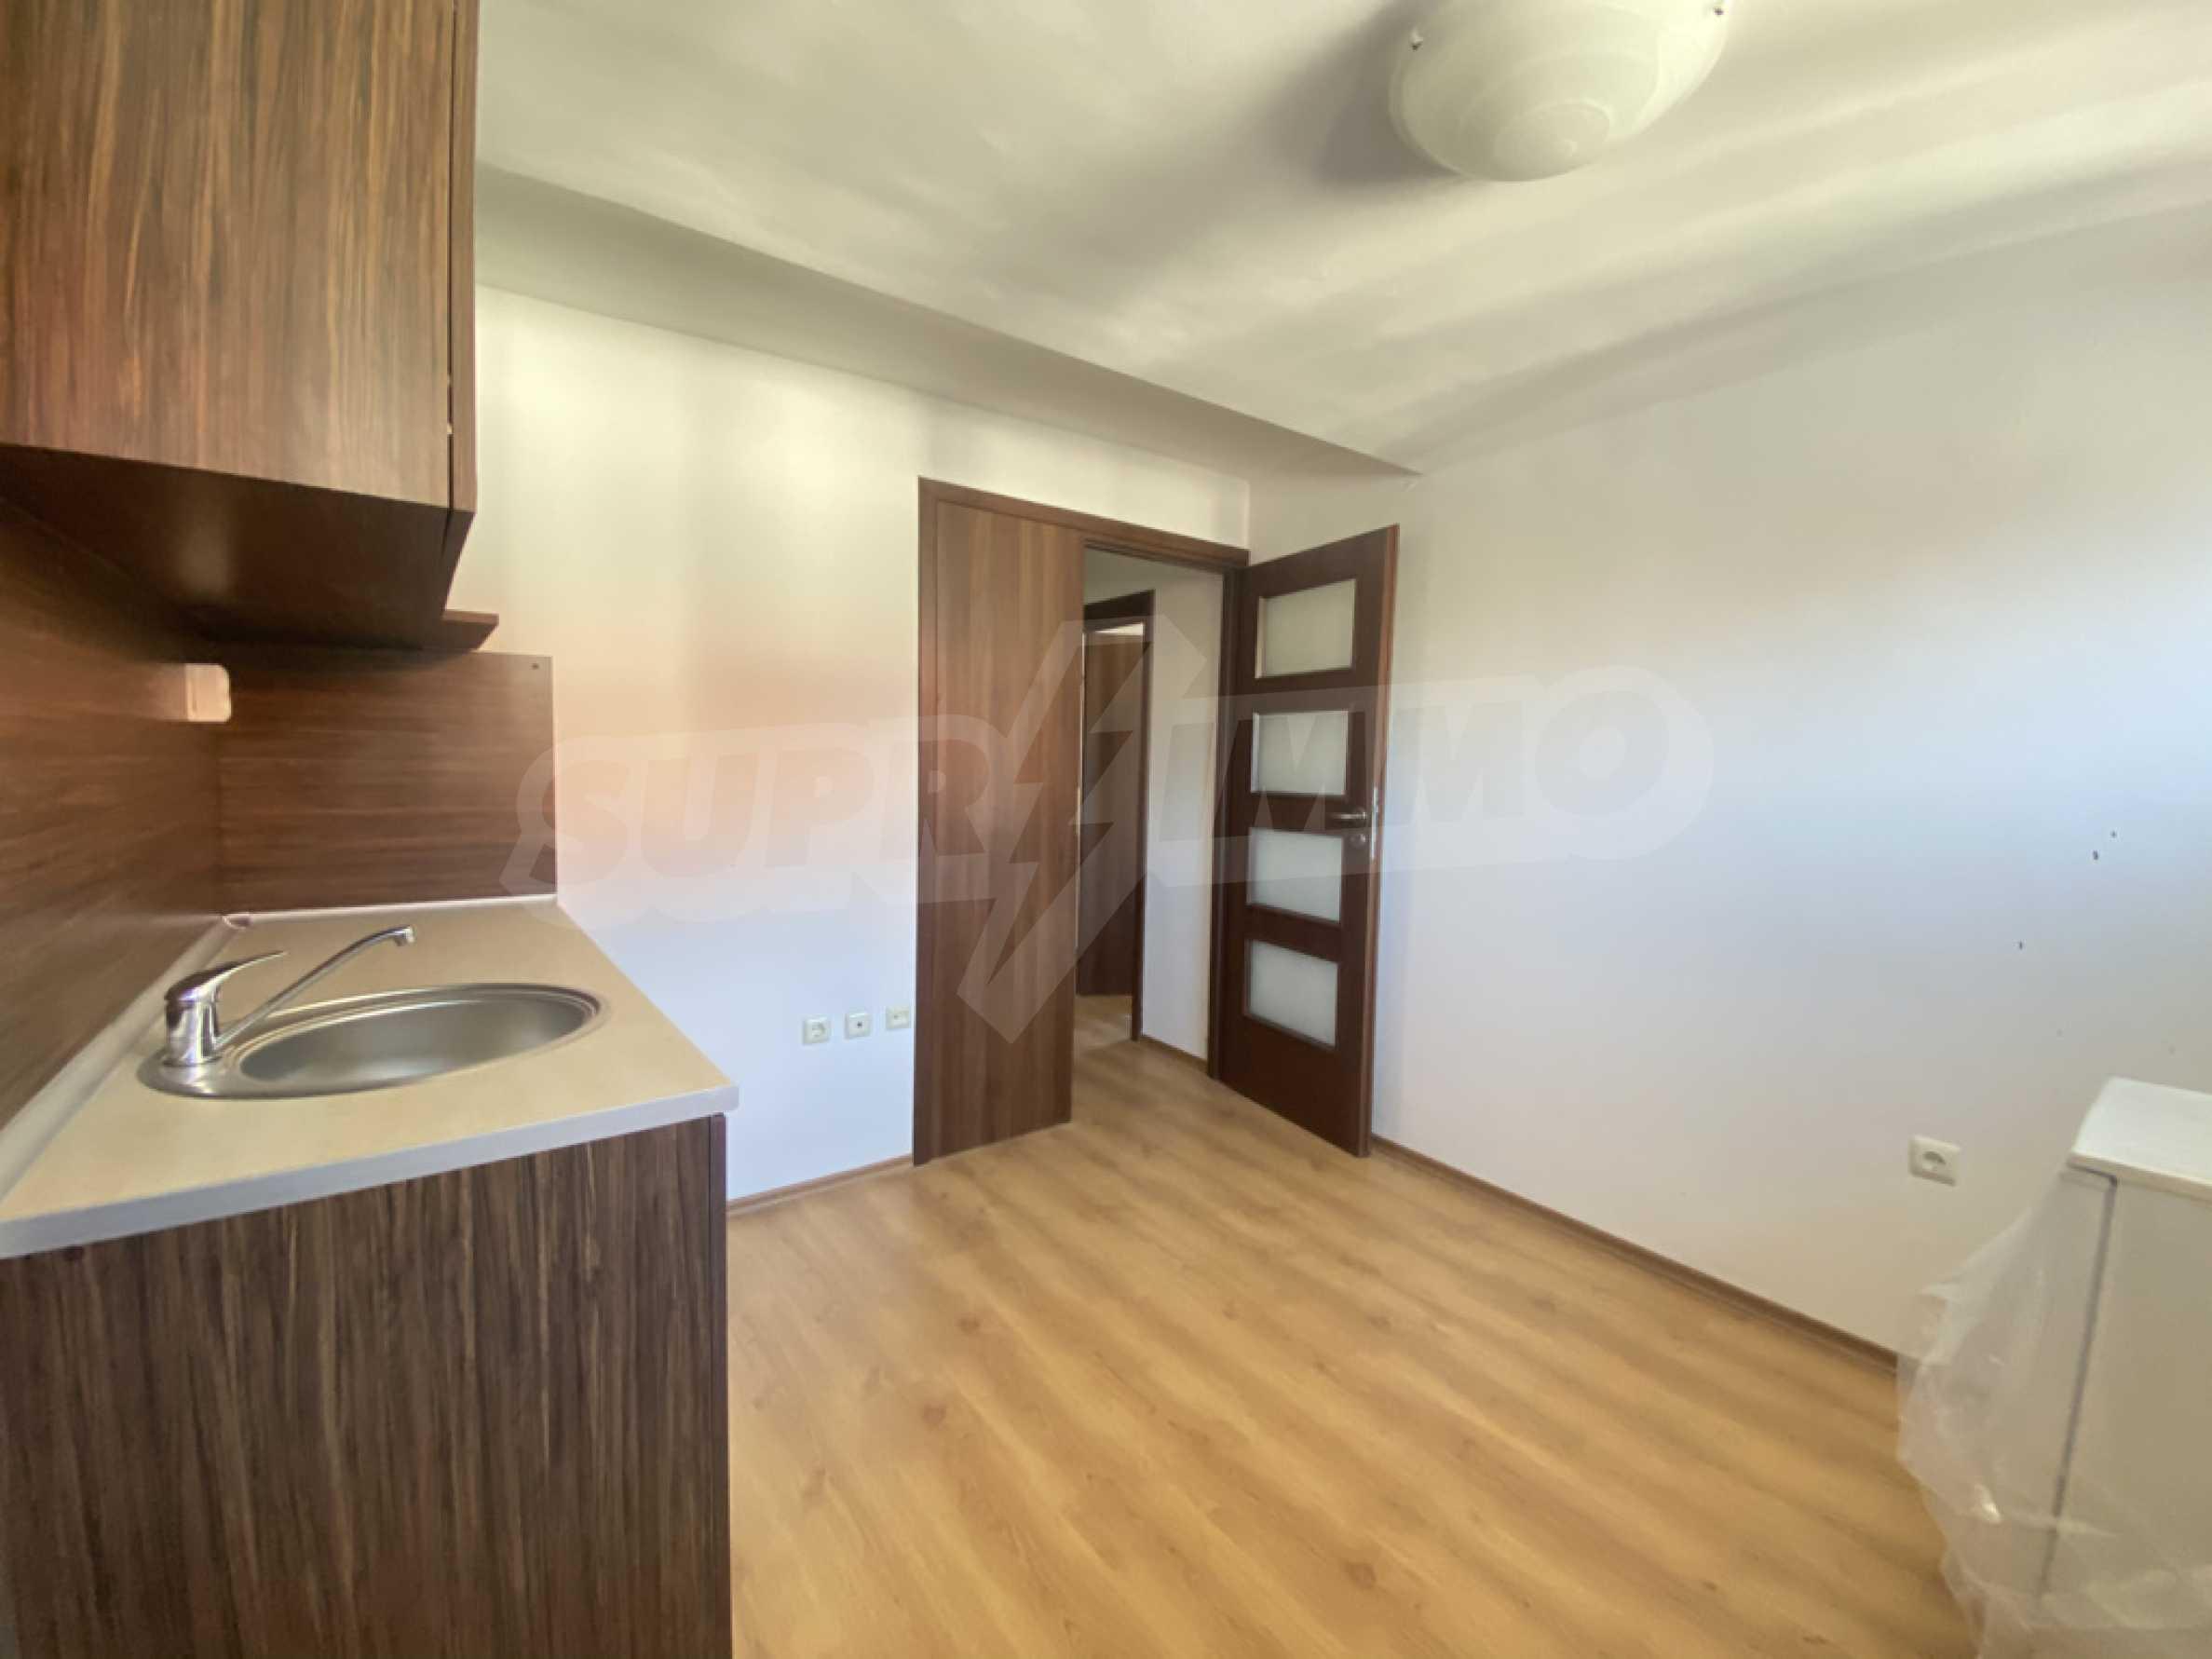 Необзаведен двустаен апартамент в СПА комплекс в Банско 1